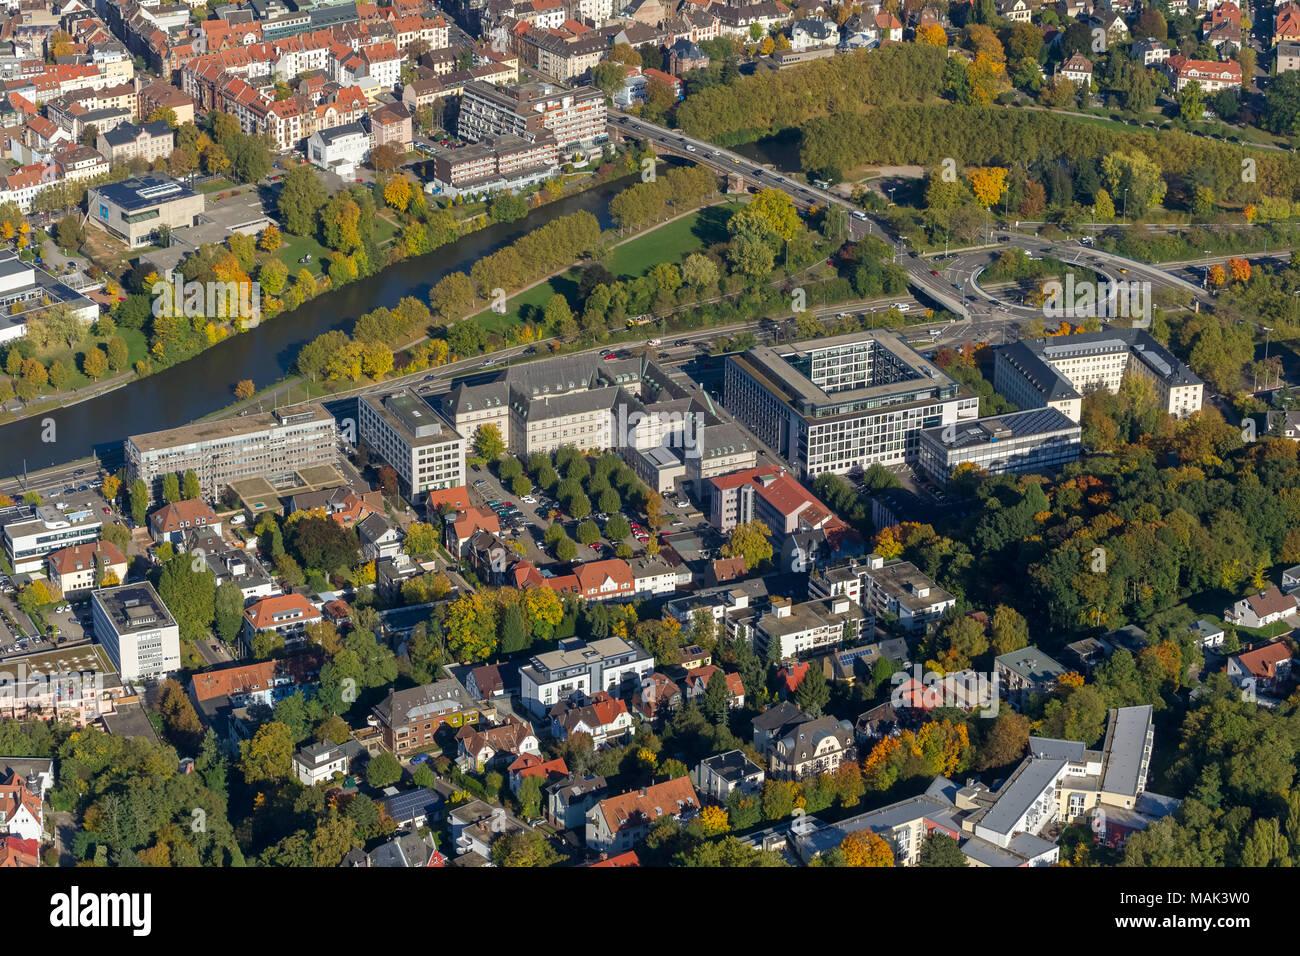 Luftbild, Ministerium für Wirtschaft, Arbeit, Energie und Verkehr, Oberlandesgericht Saarbrücken, OLG Saarbrücken, Saarbrücken, Saarland, Deutschland, Stock Photo